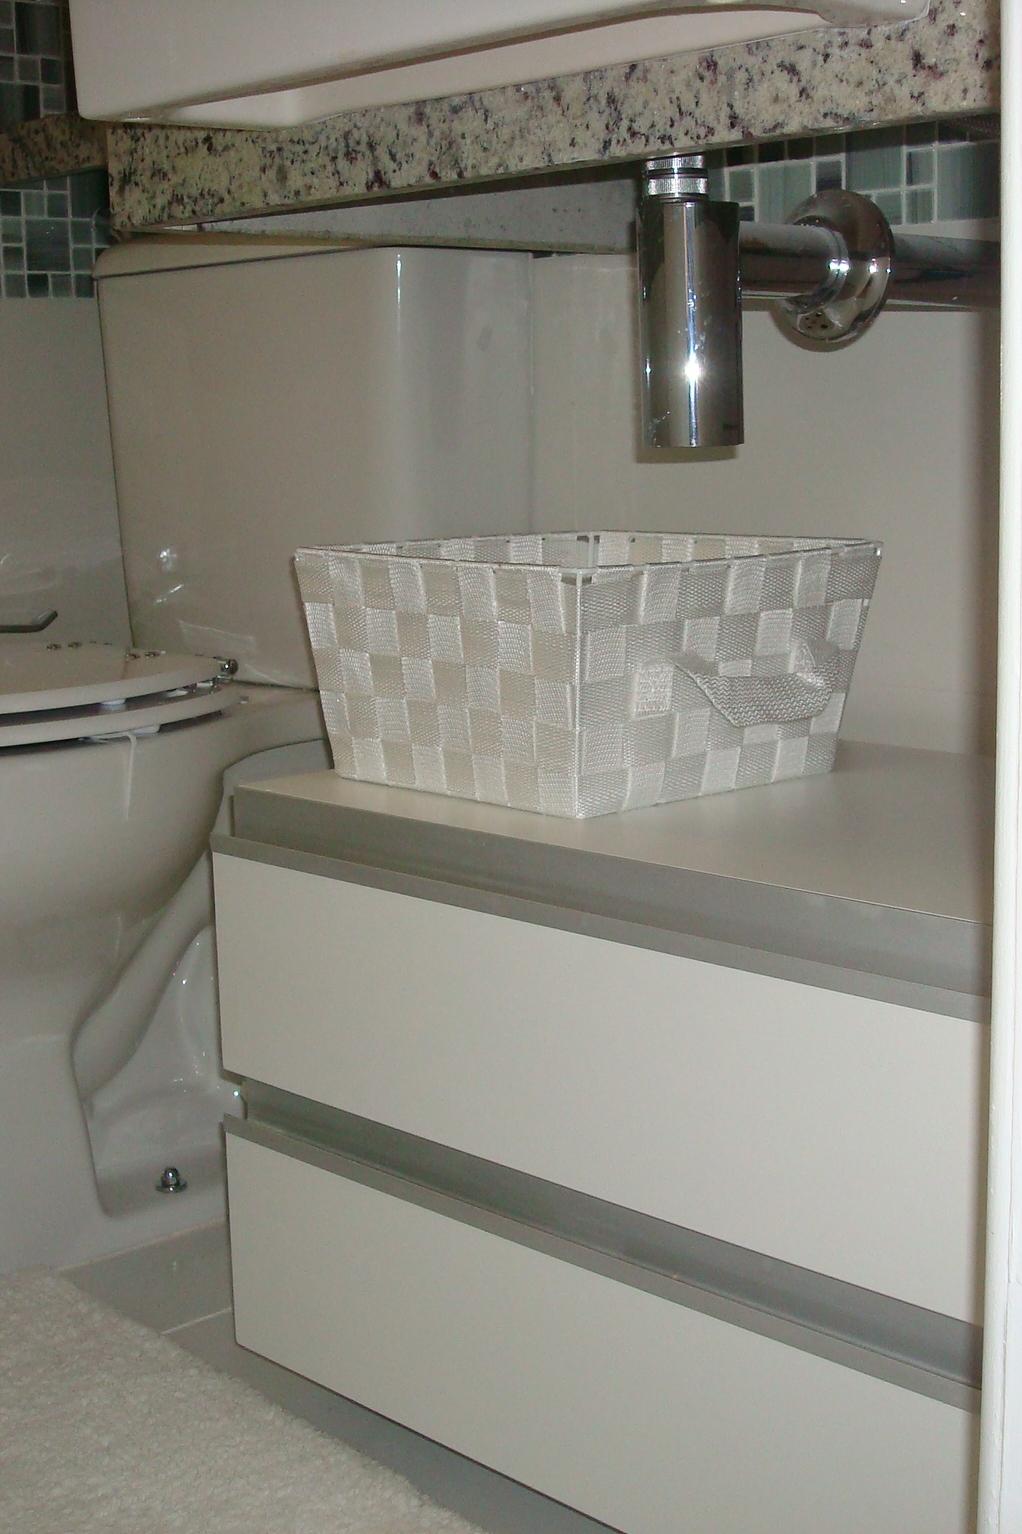 Armario Embaixo Pia Cozinha : Wibamp armario embaixo da pia cozinha de vidro